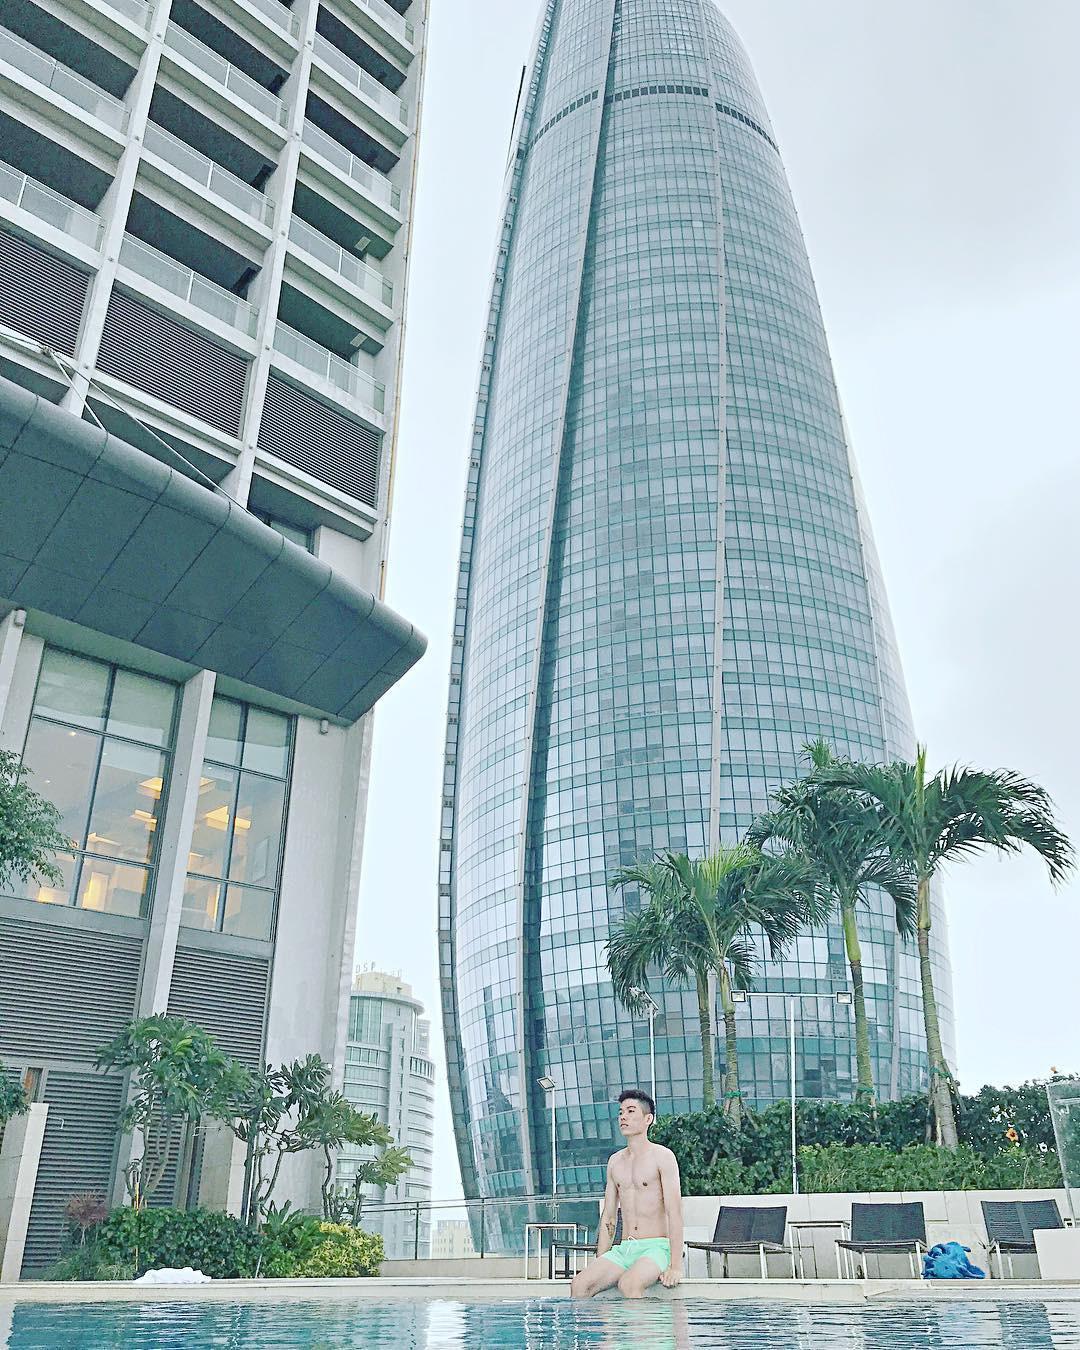 """Chỉ với 2 tọa độ cực phẩm này, Đà Nẵng đích thị là """"Singapore thu nhỏ"""" giữa lòng Việt Nam chứ đâu! - Ảnh 8."""